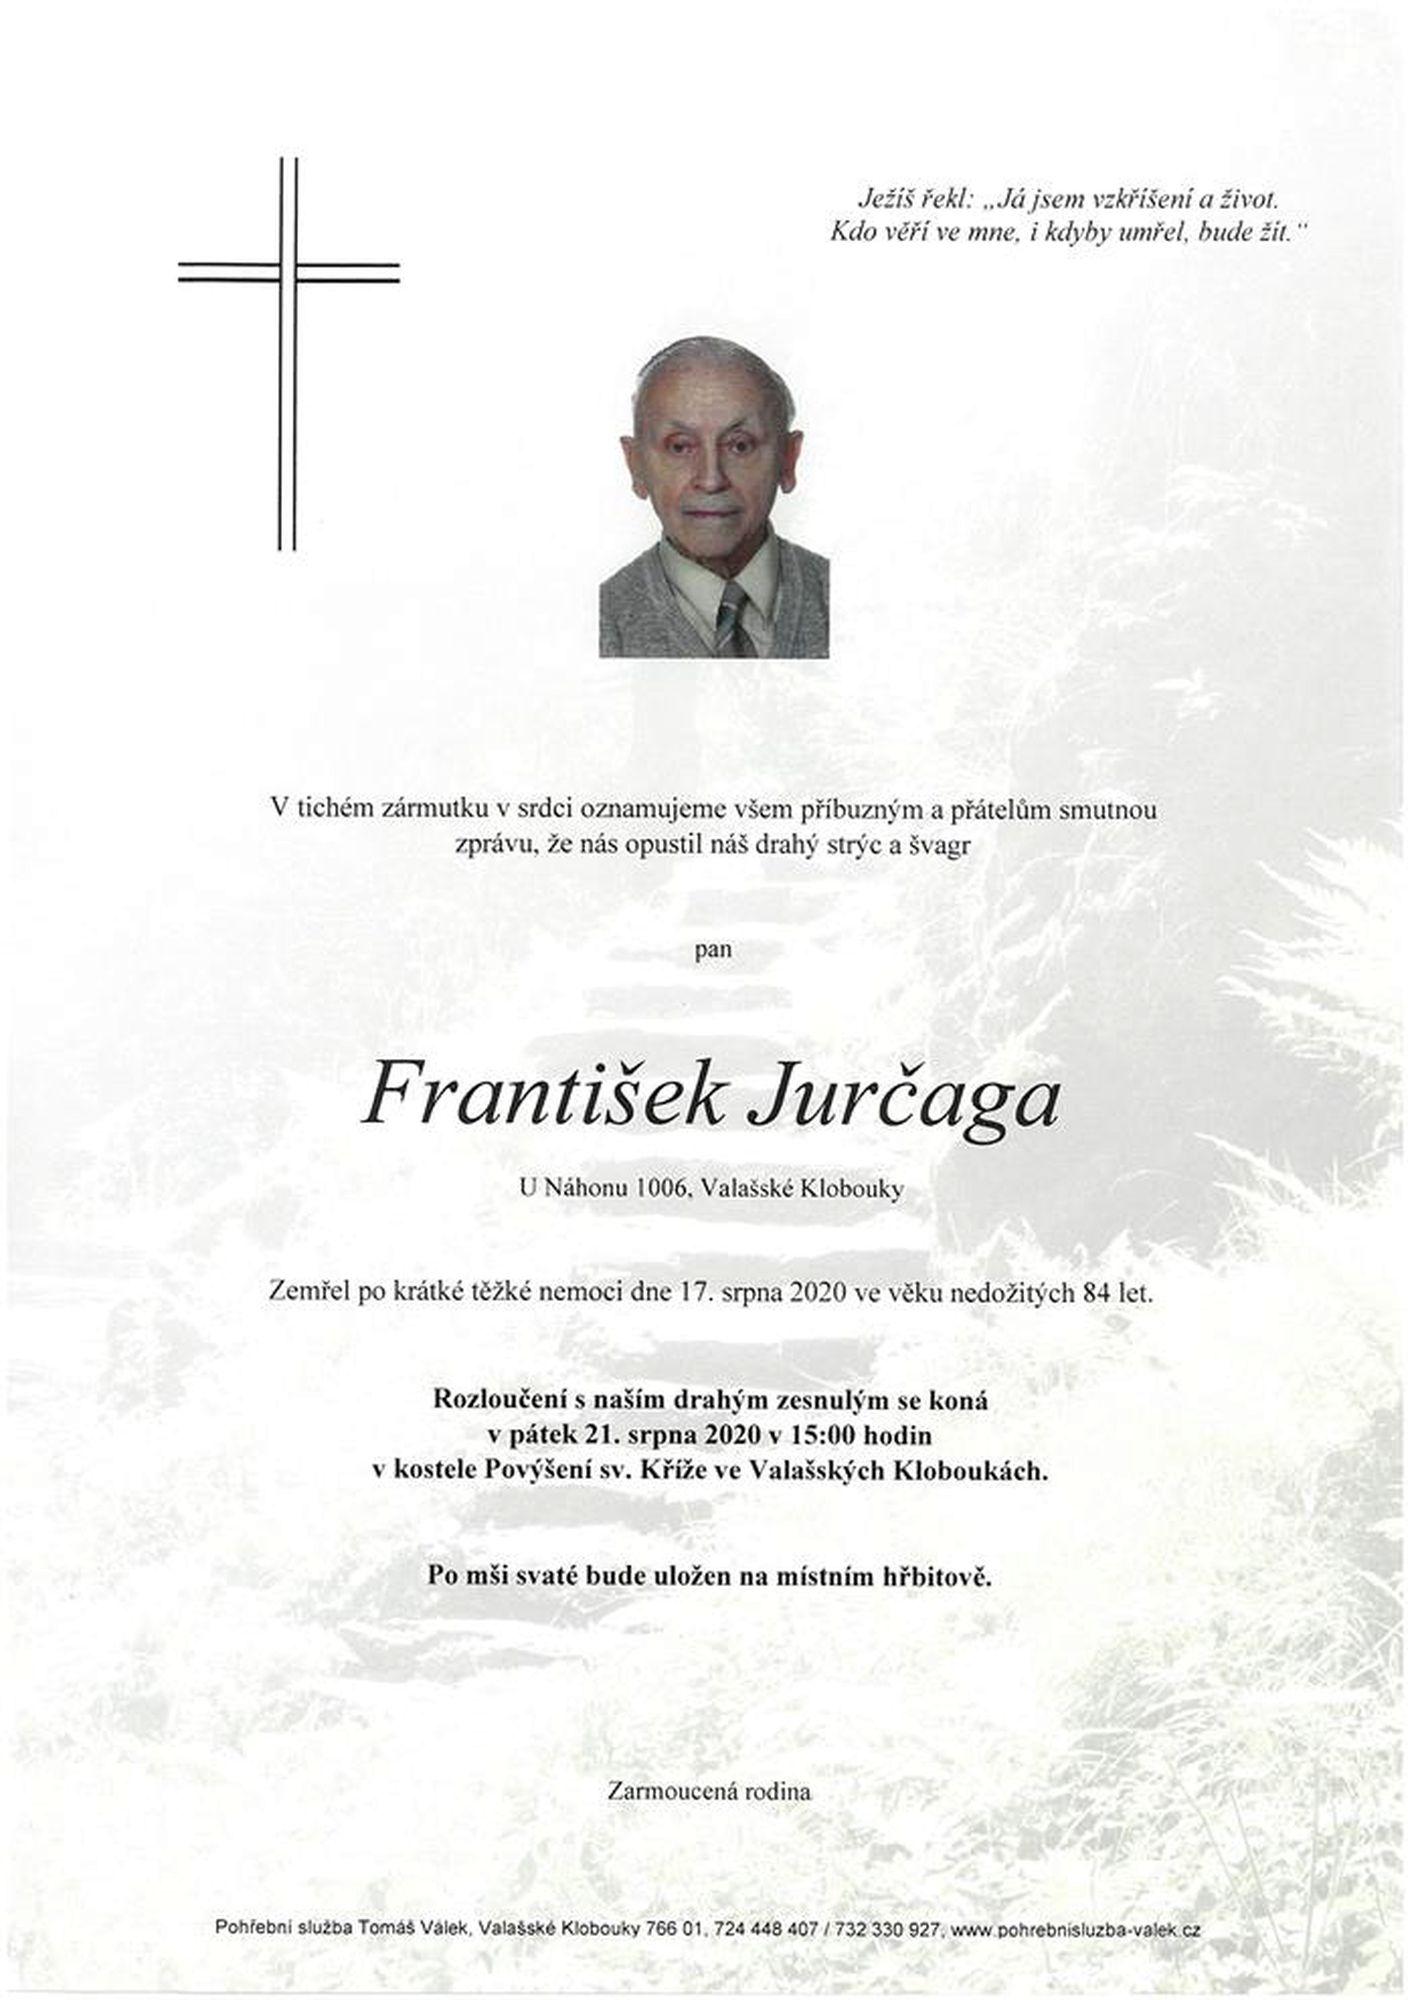 František Jurčaga